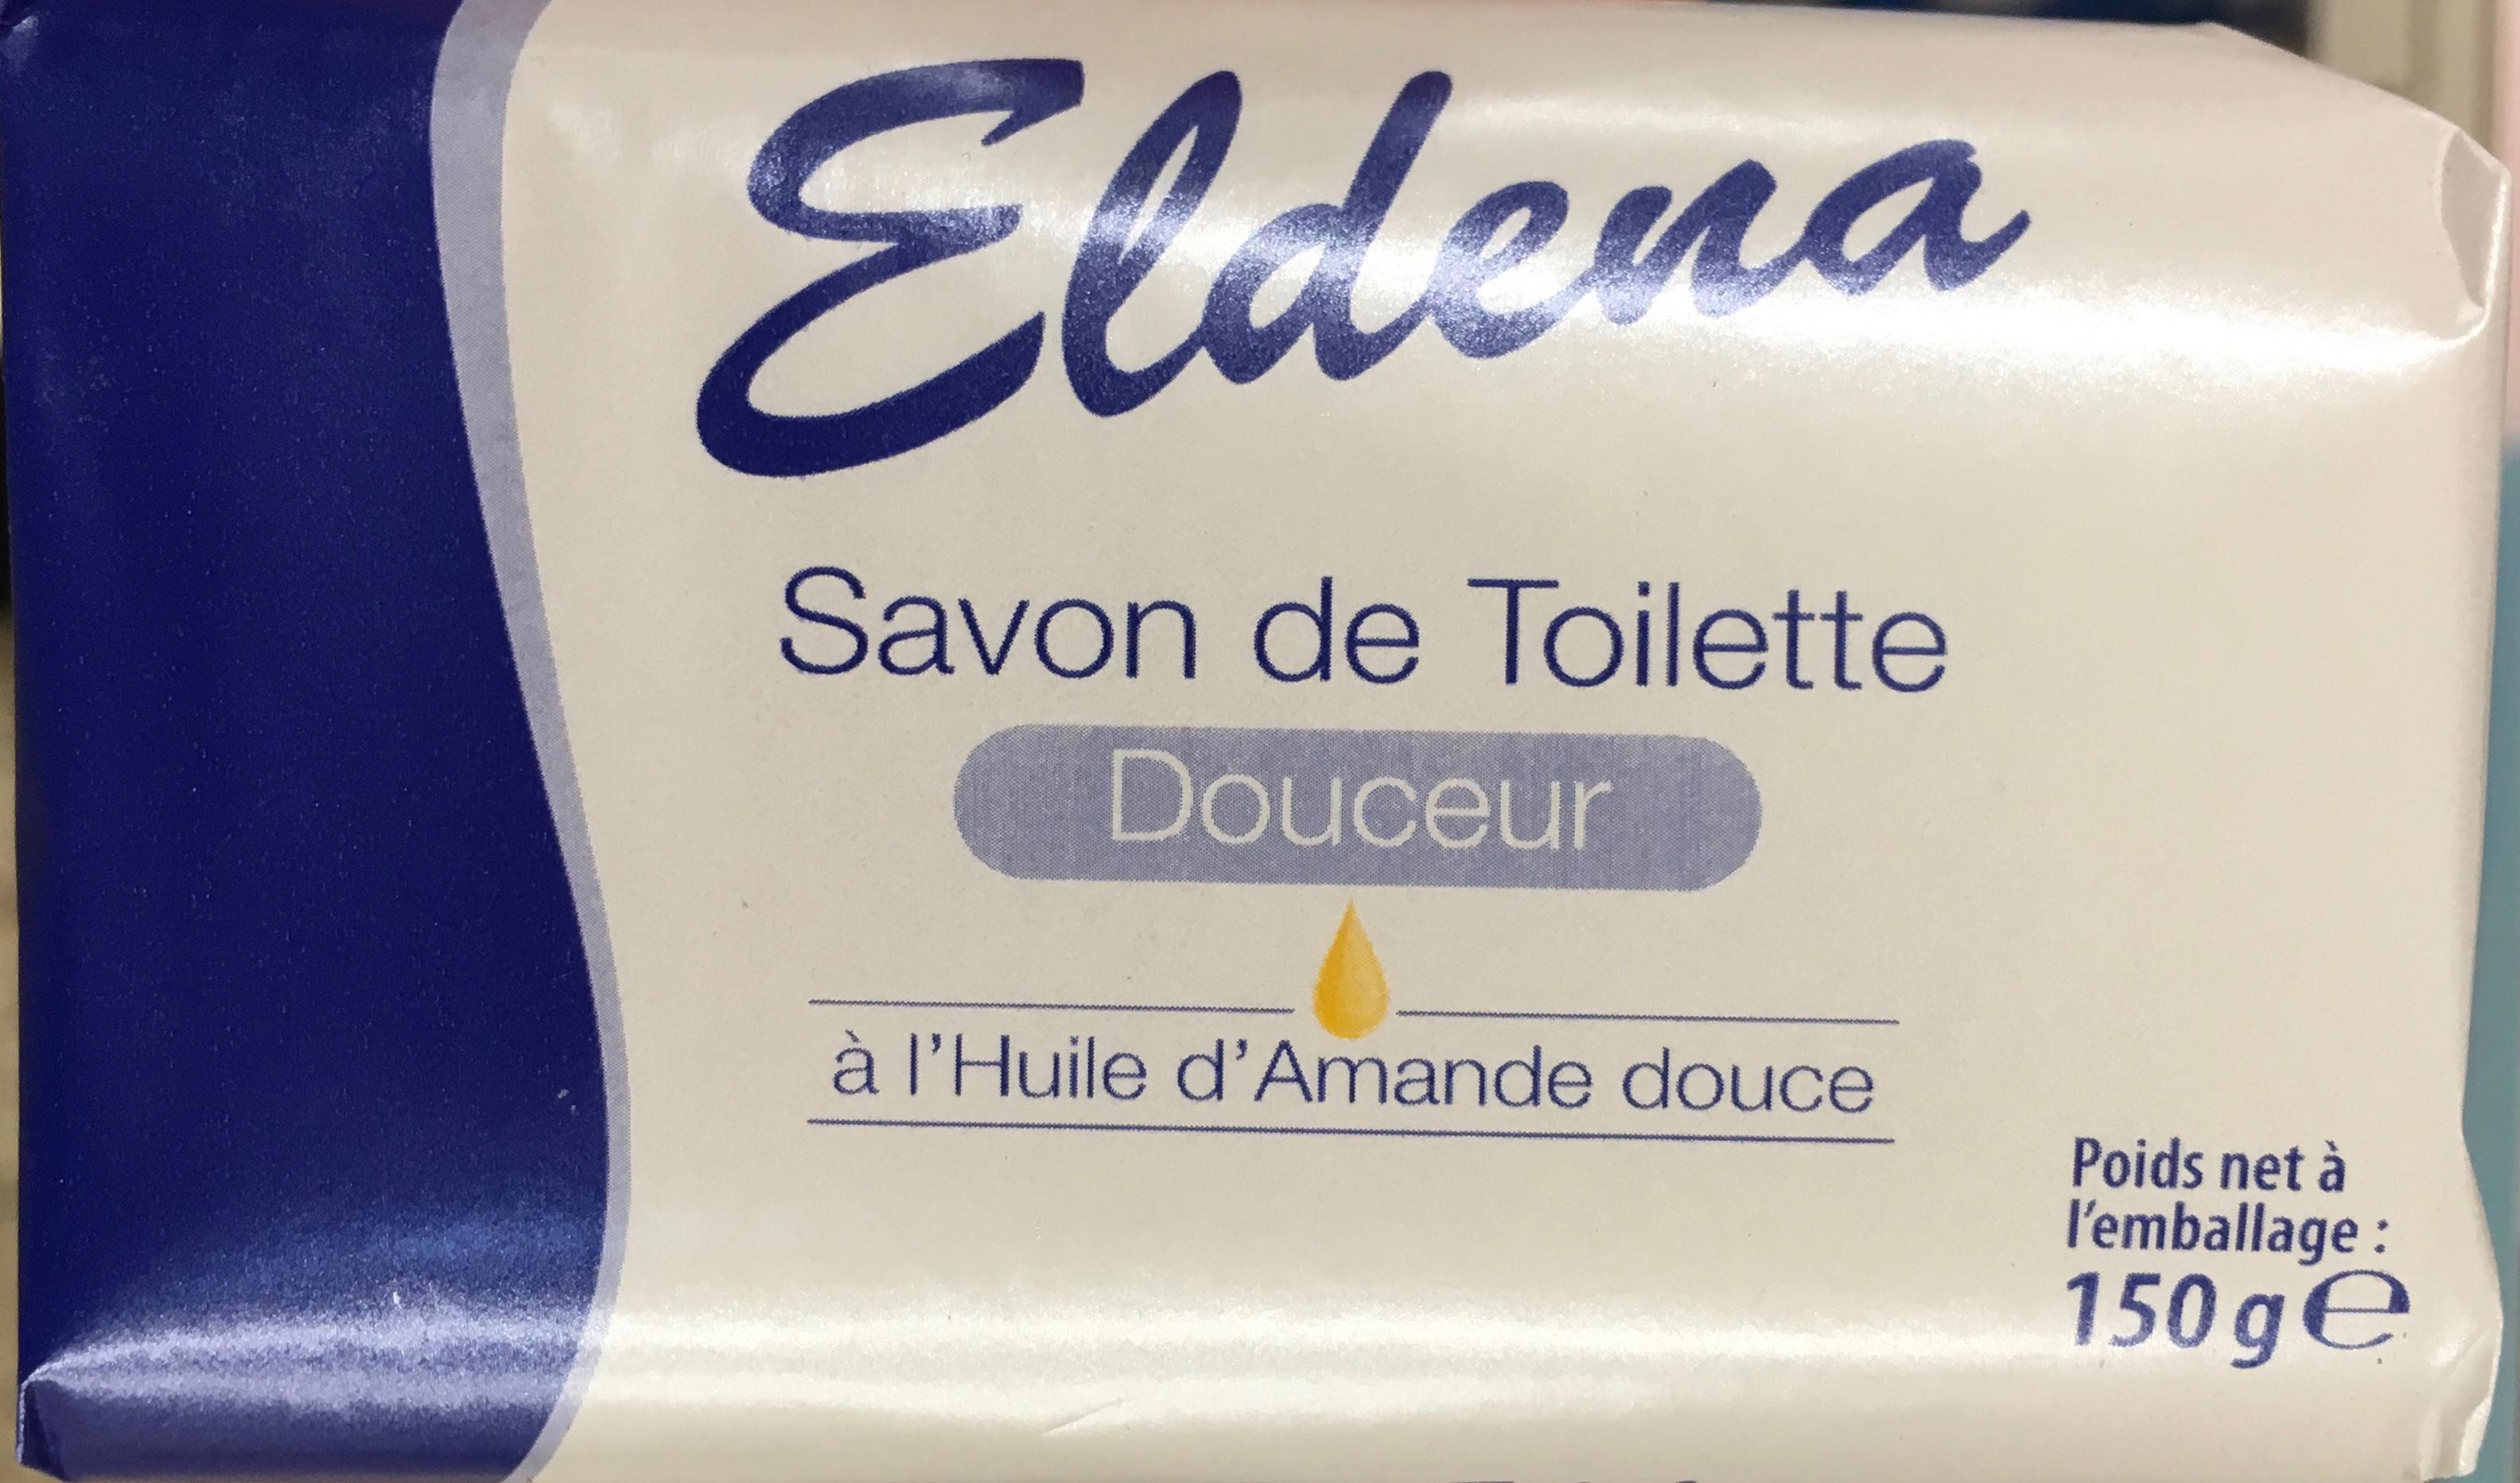 Savon de Toilette Douceur à l'Huile d'Amande douce - Product - fr